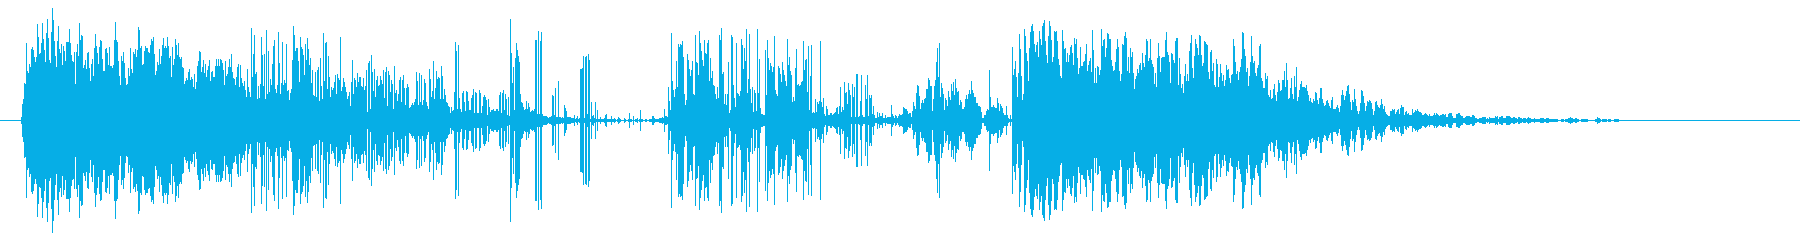 電話ポールの復VENの再生済みの波形